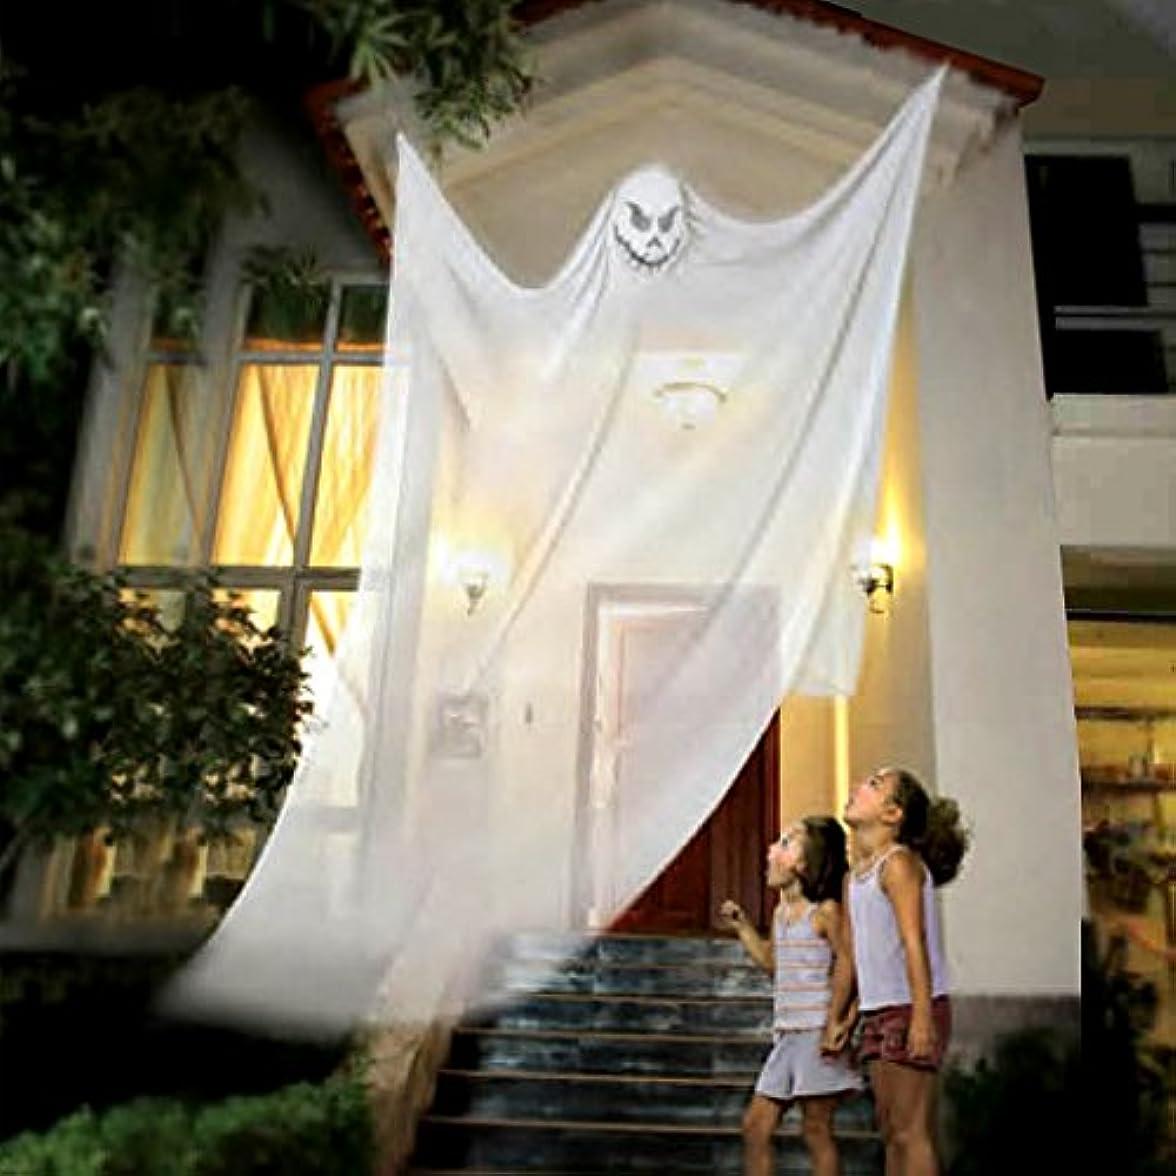 礼儀凶暴な争いハロウィーンフェスティバルぶら下げ幽霊装飾ホラー小道具バーお化け屋敷室内装飾